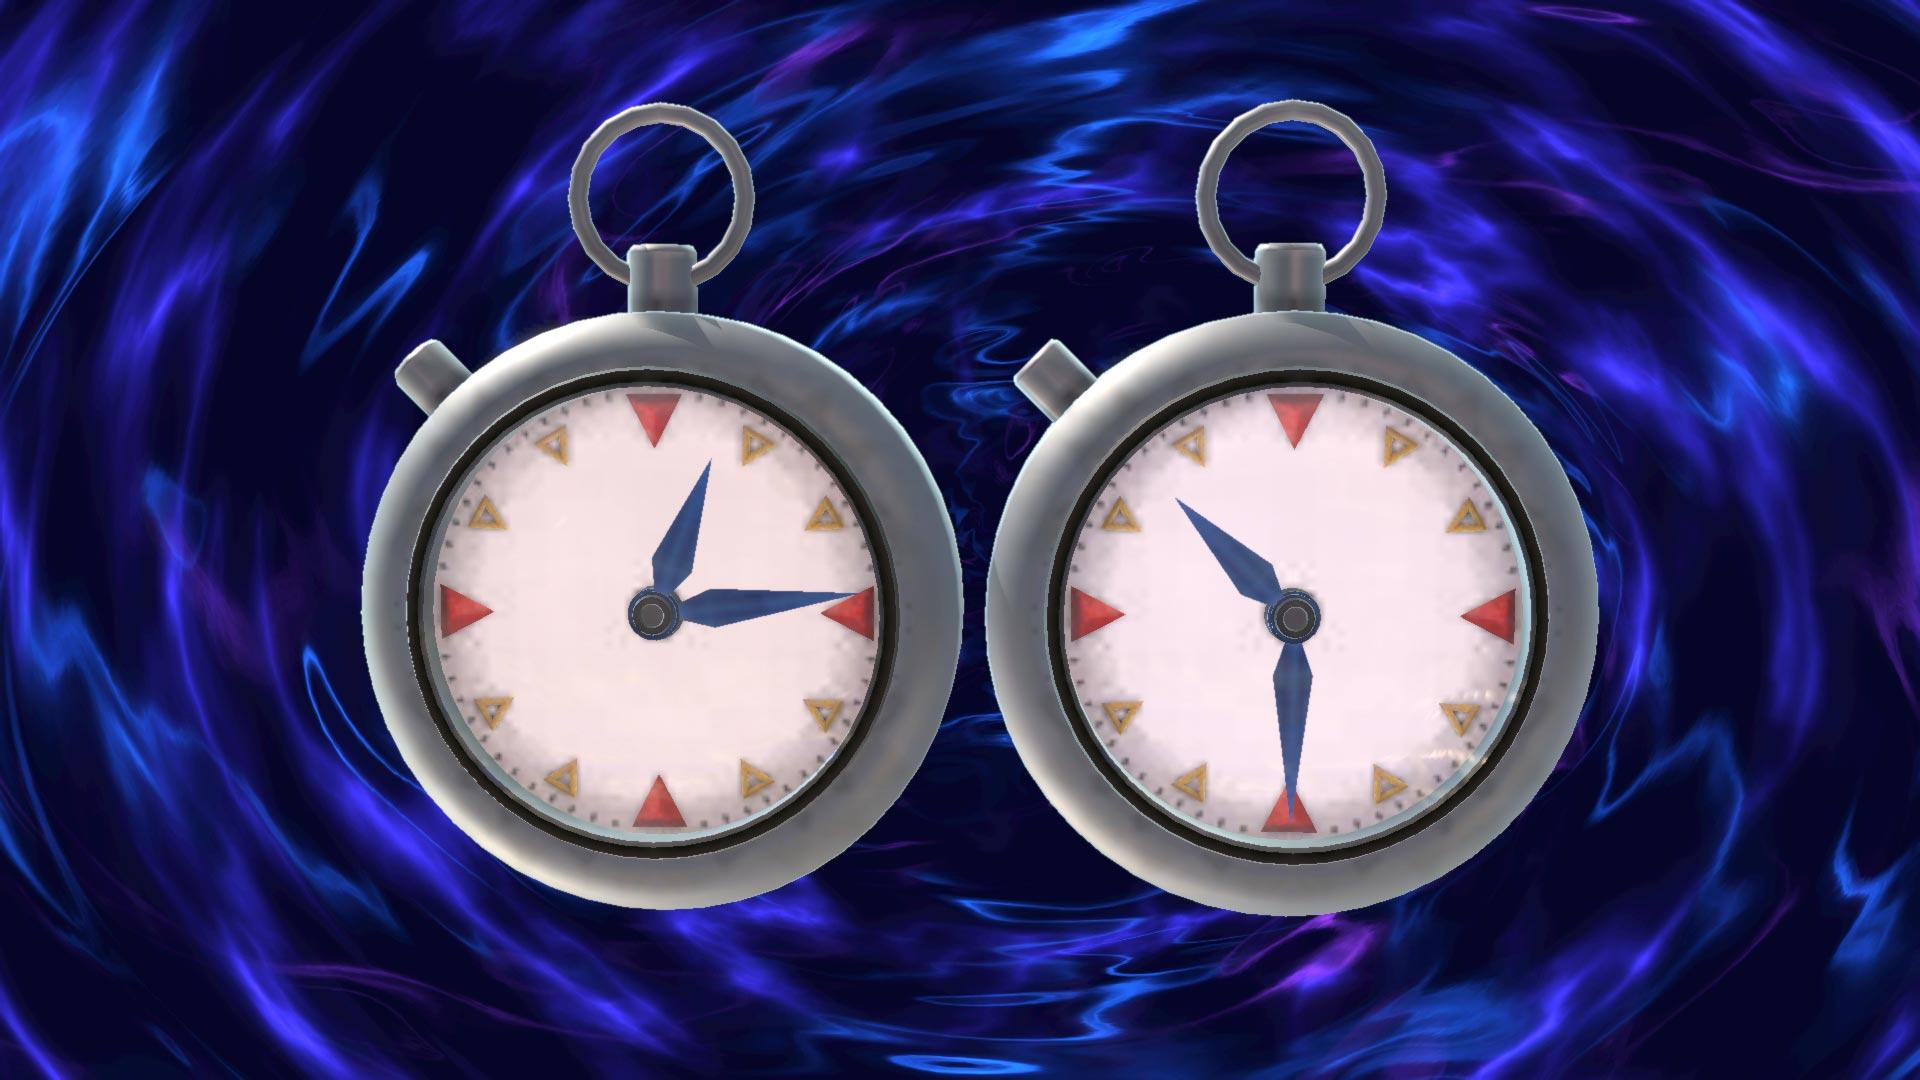 Sakurai Timer image 1 out of 1 image gallery